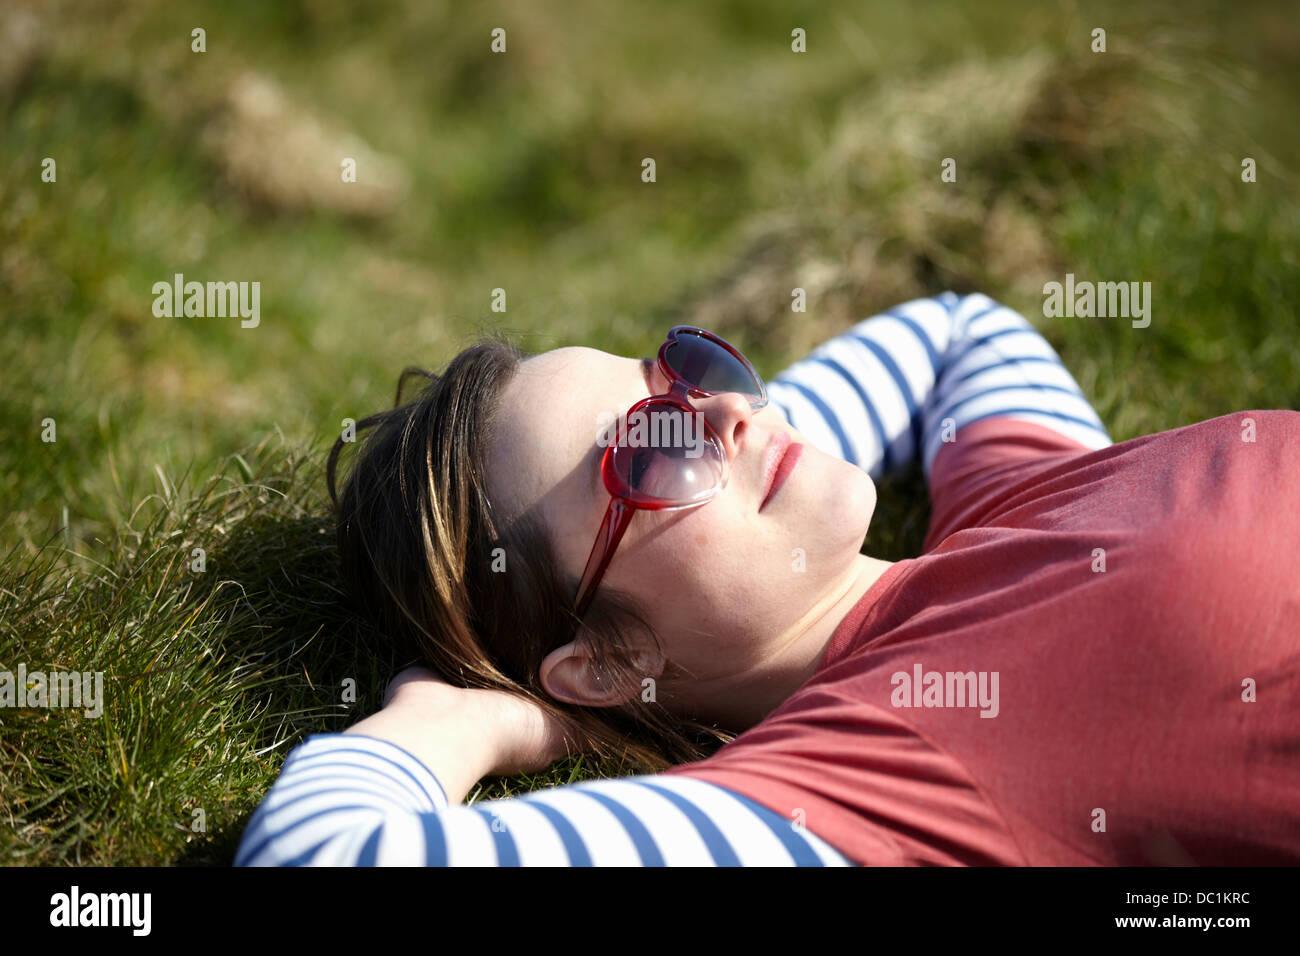 Mujer joven llevaba gafas de sol con forma de corazón recostado sobre el césped Imagen De Stock